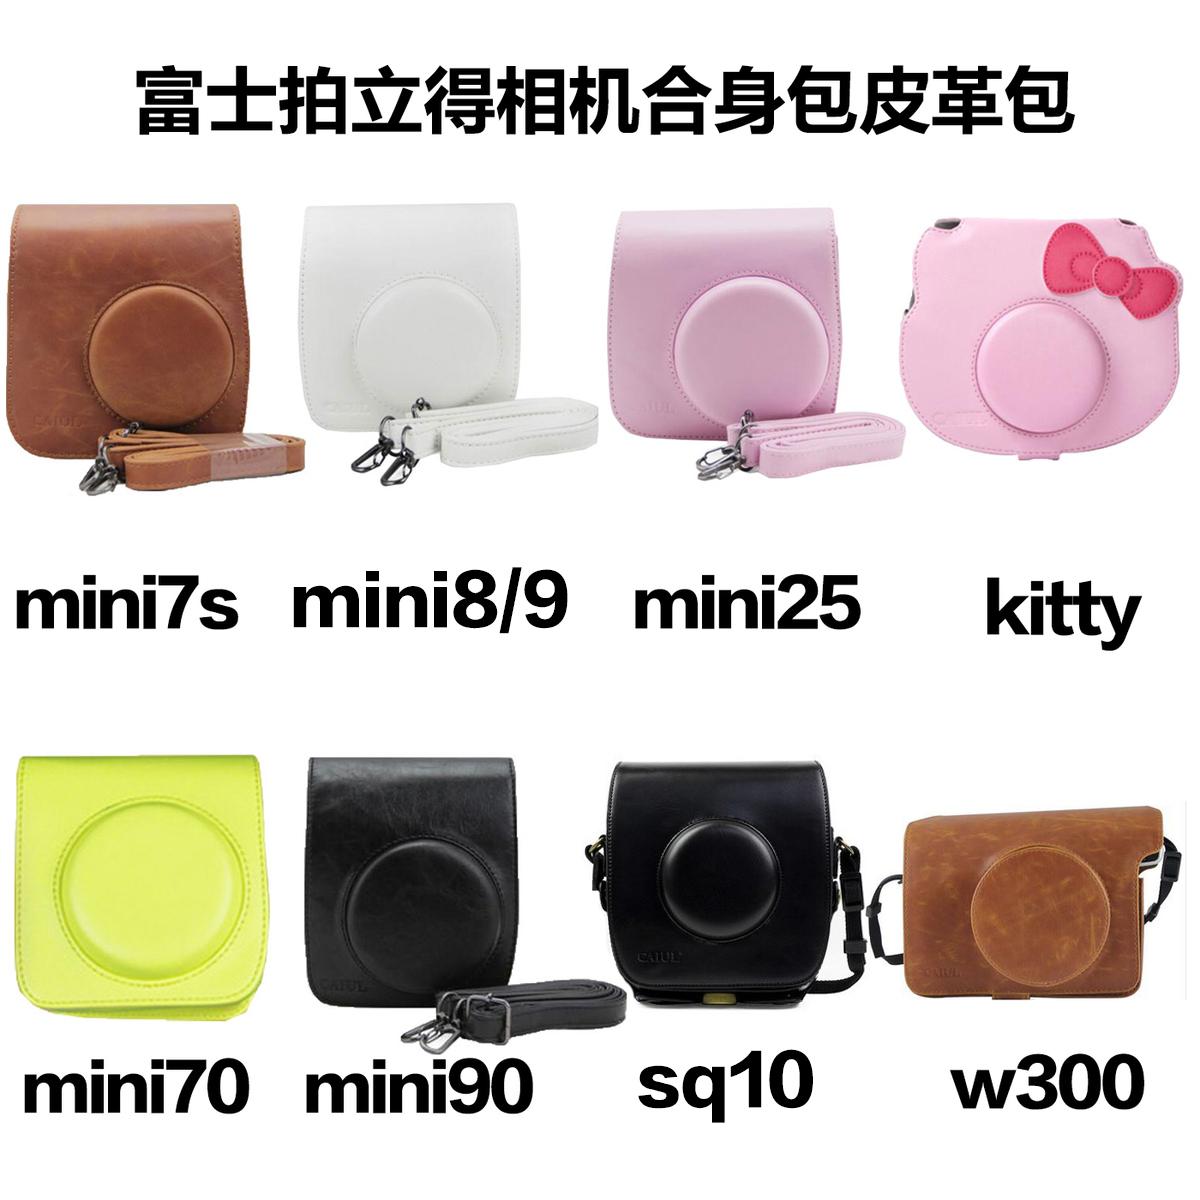 Бесплатная доставка по китаю Полкароидная кожа камеры пакет mini7 8 9 25 70 90 SQ10 винтаж коричневый Камера пакет